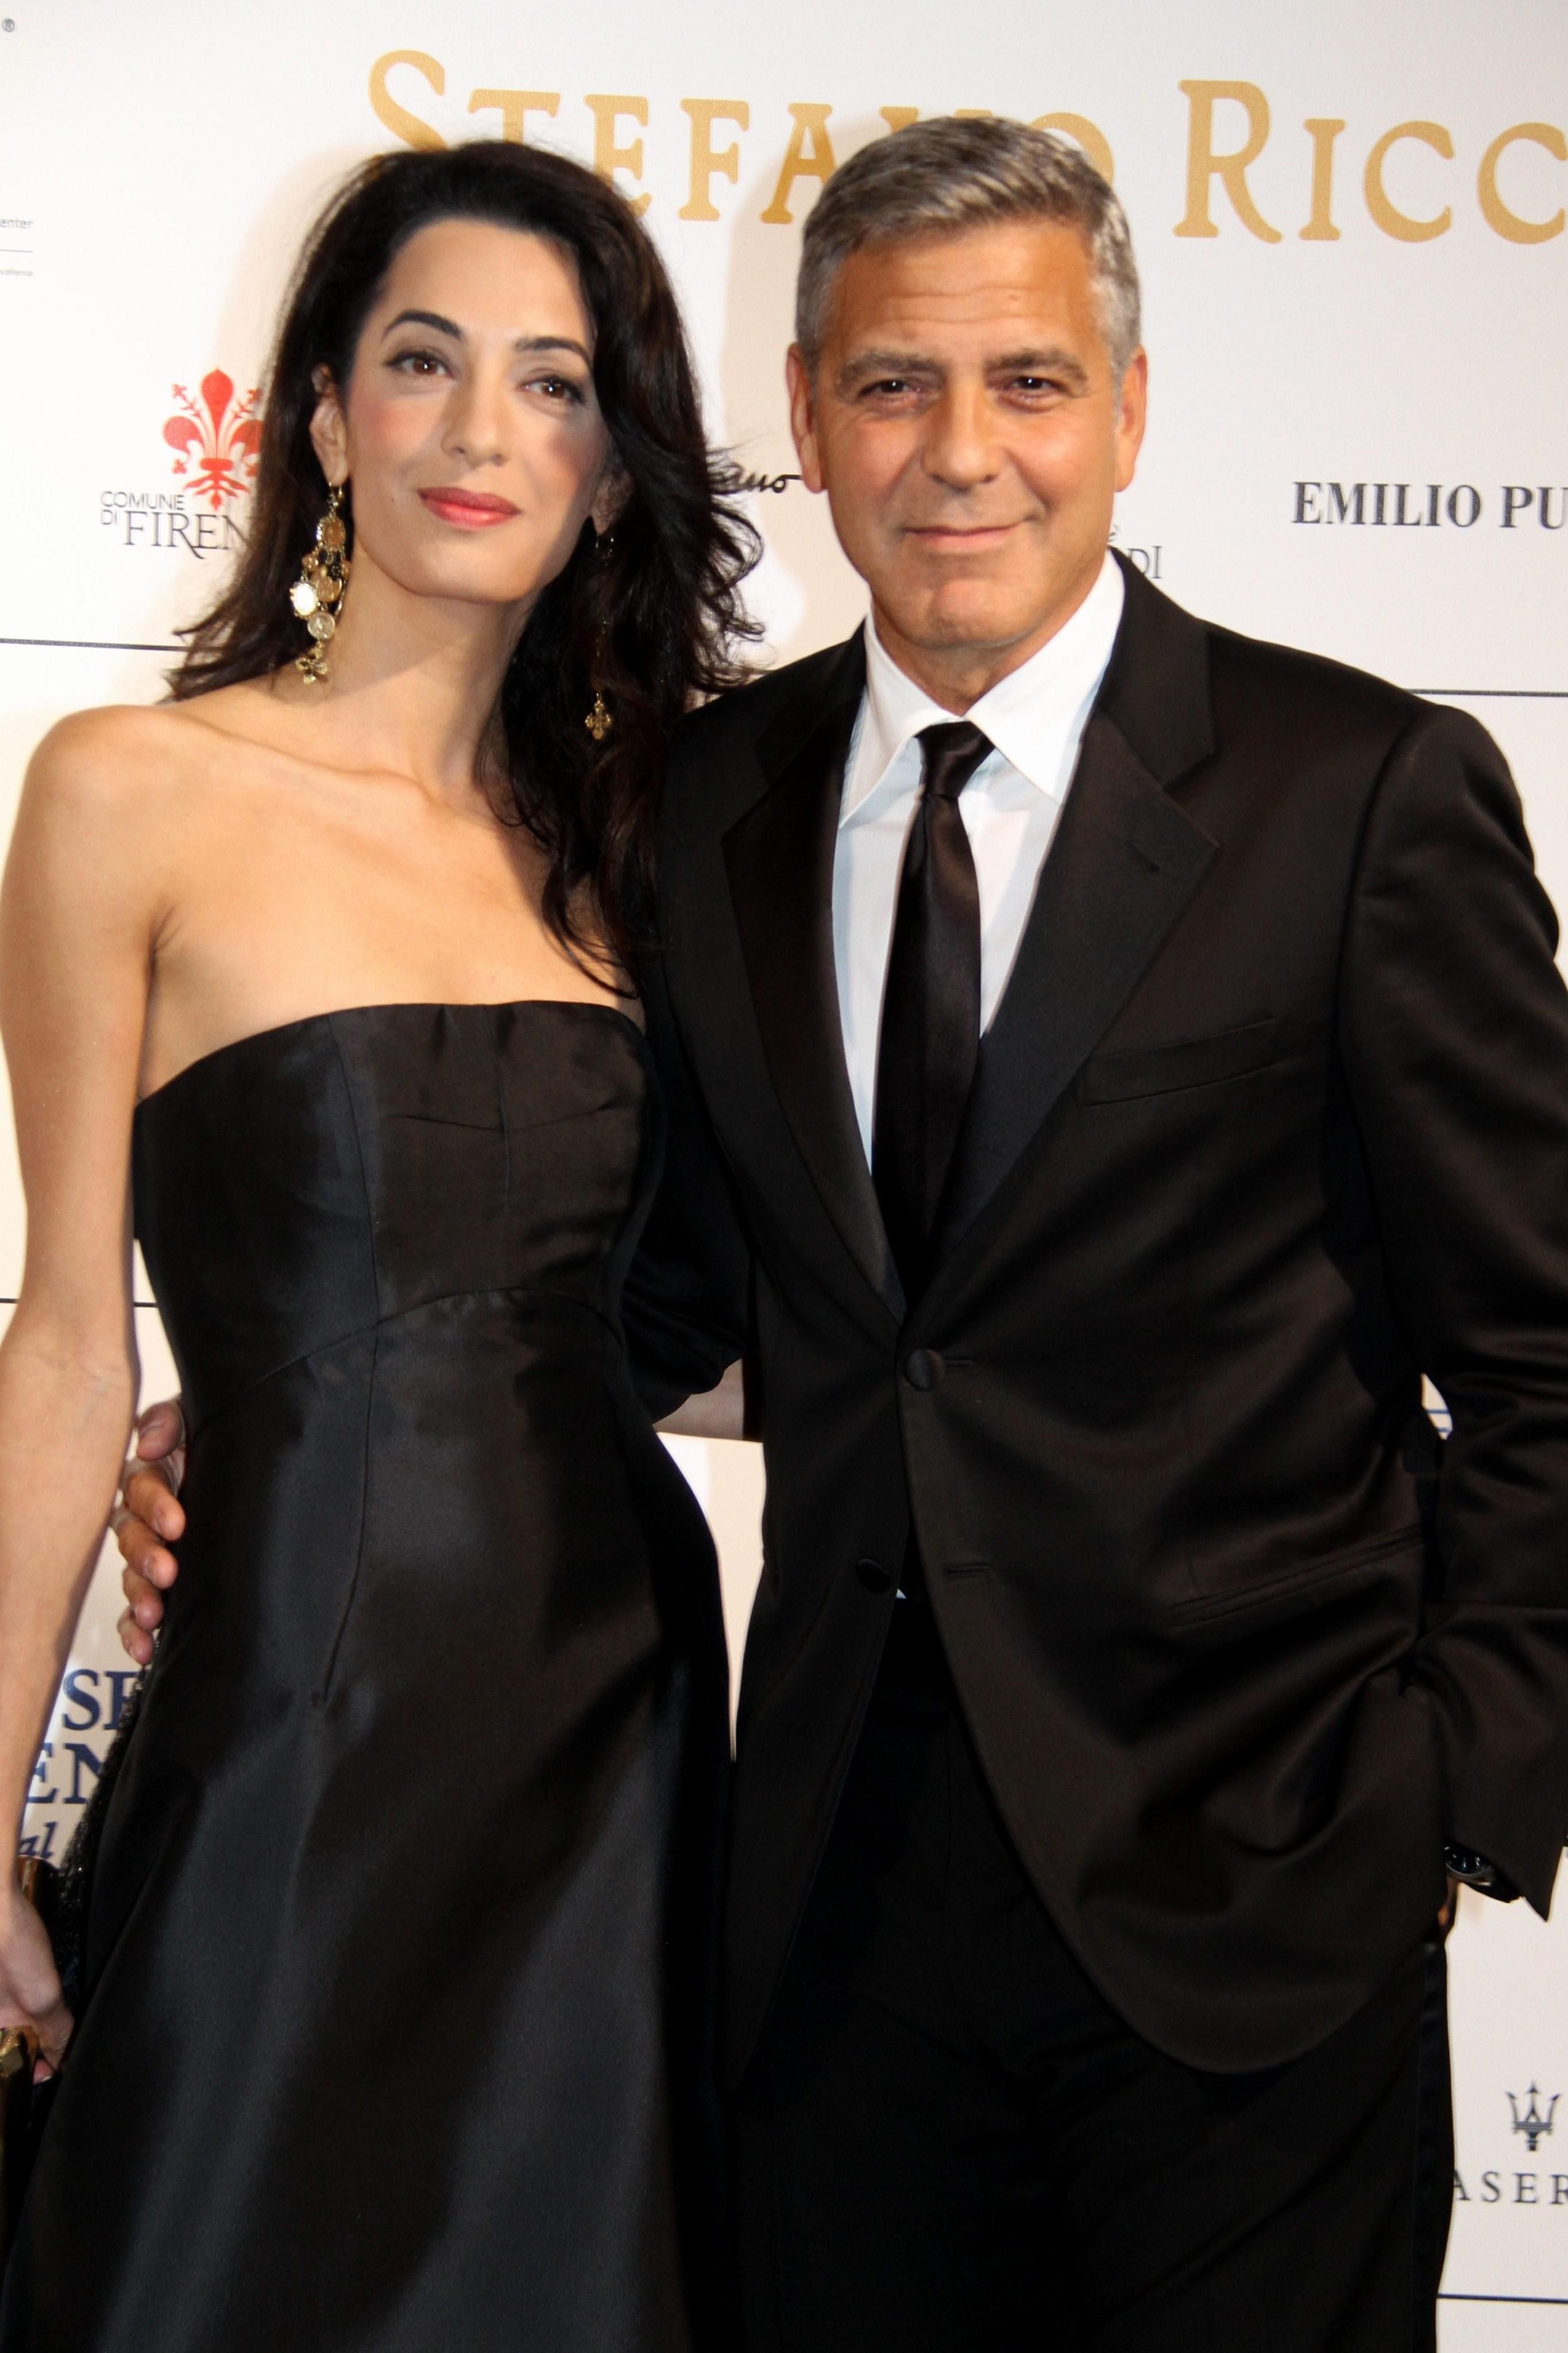 How Did George Clooney Meet Amal